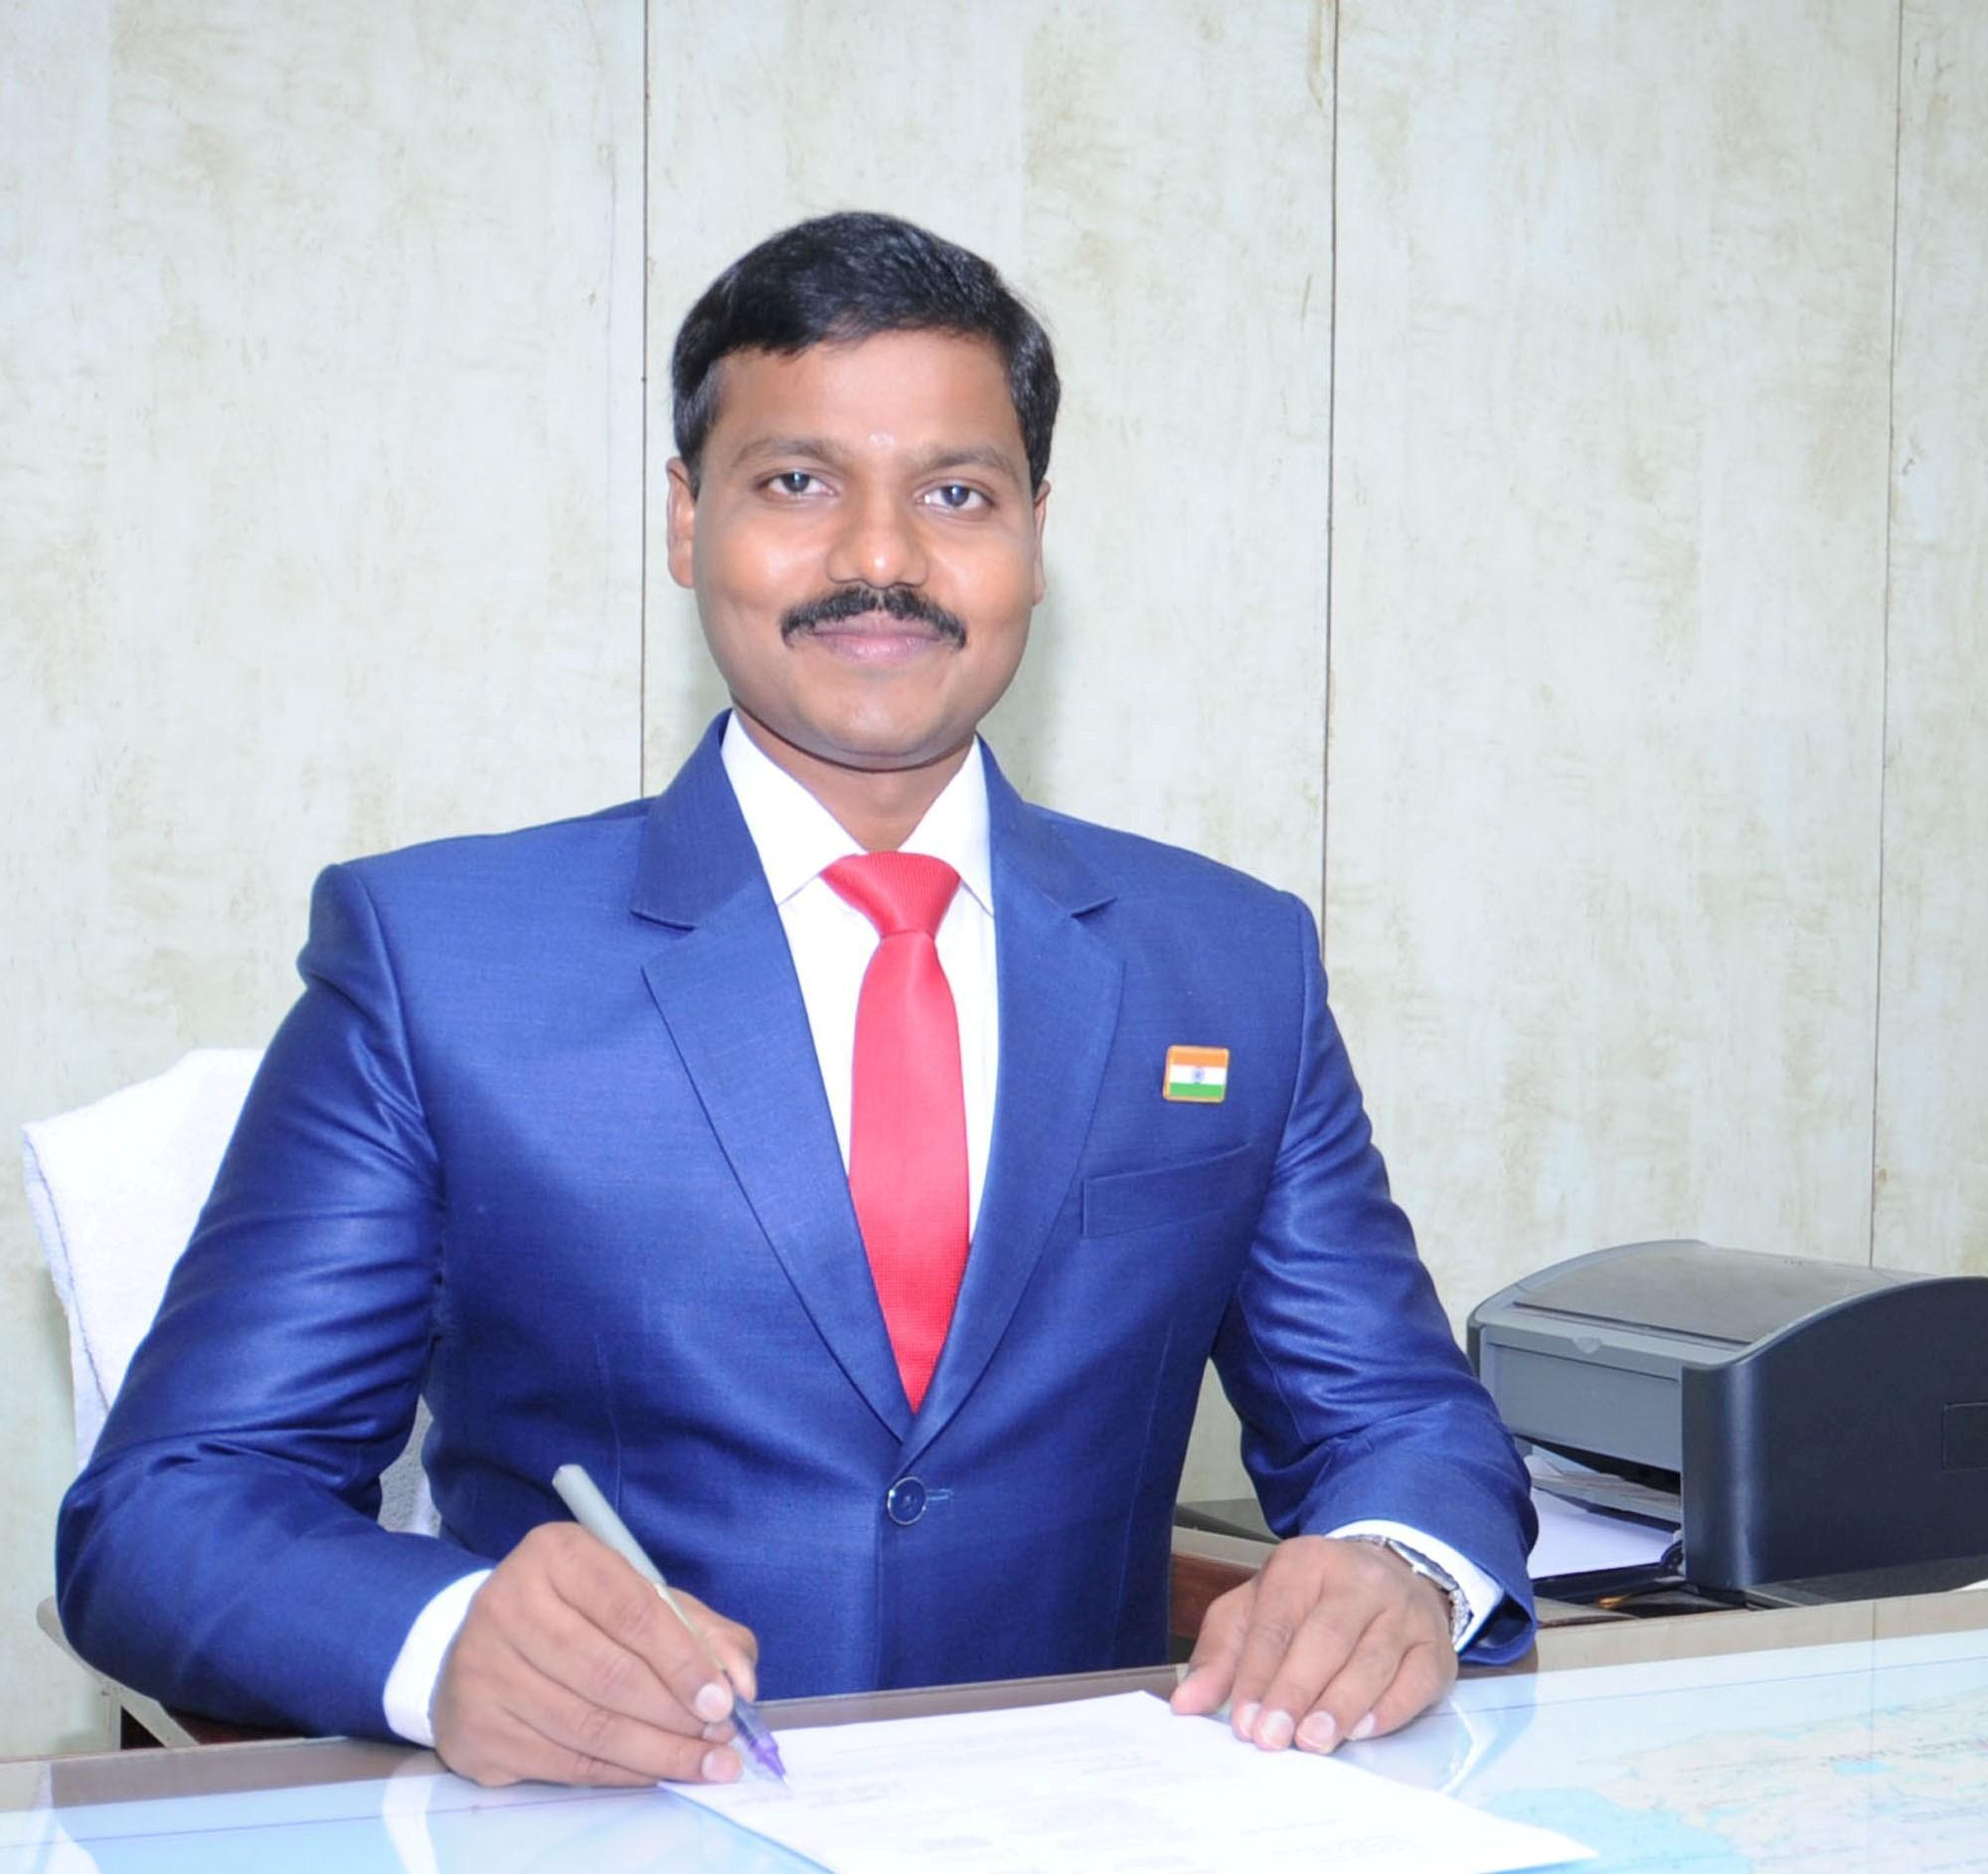 ராமநாதபுரம் மாவட்ட புதிய ஆட்சியர் வீர ராகவ ராவ்